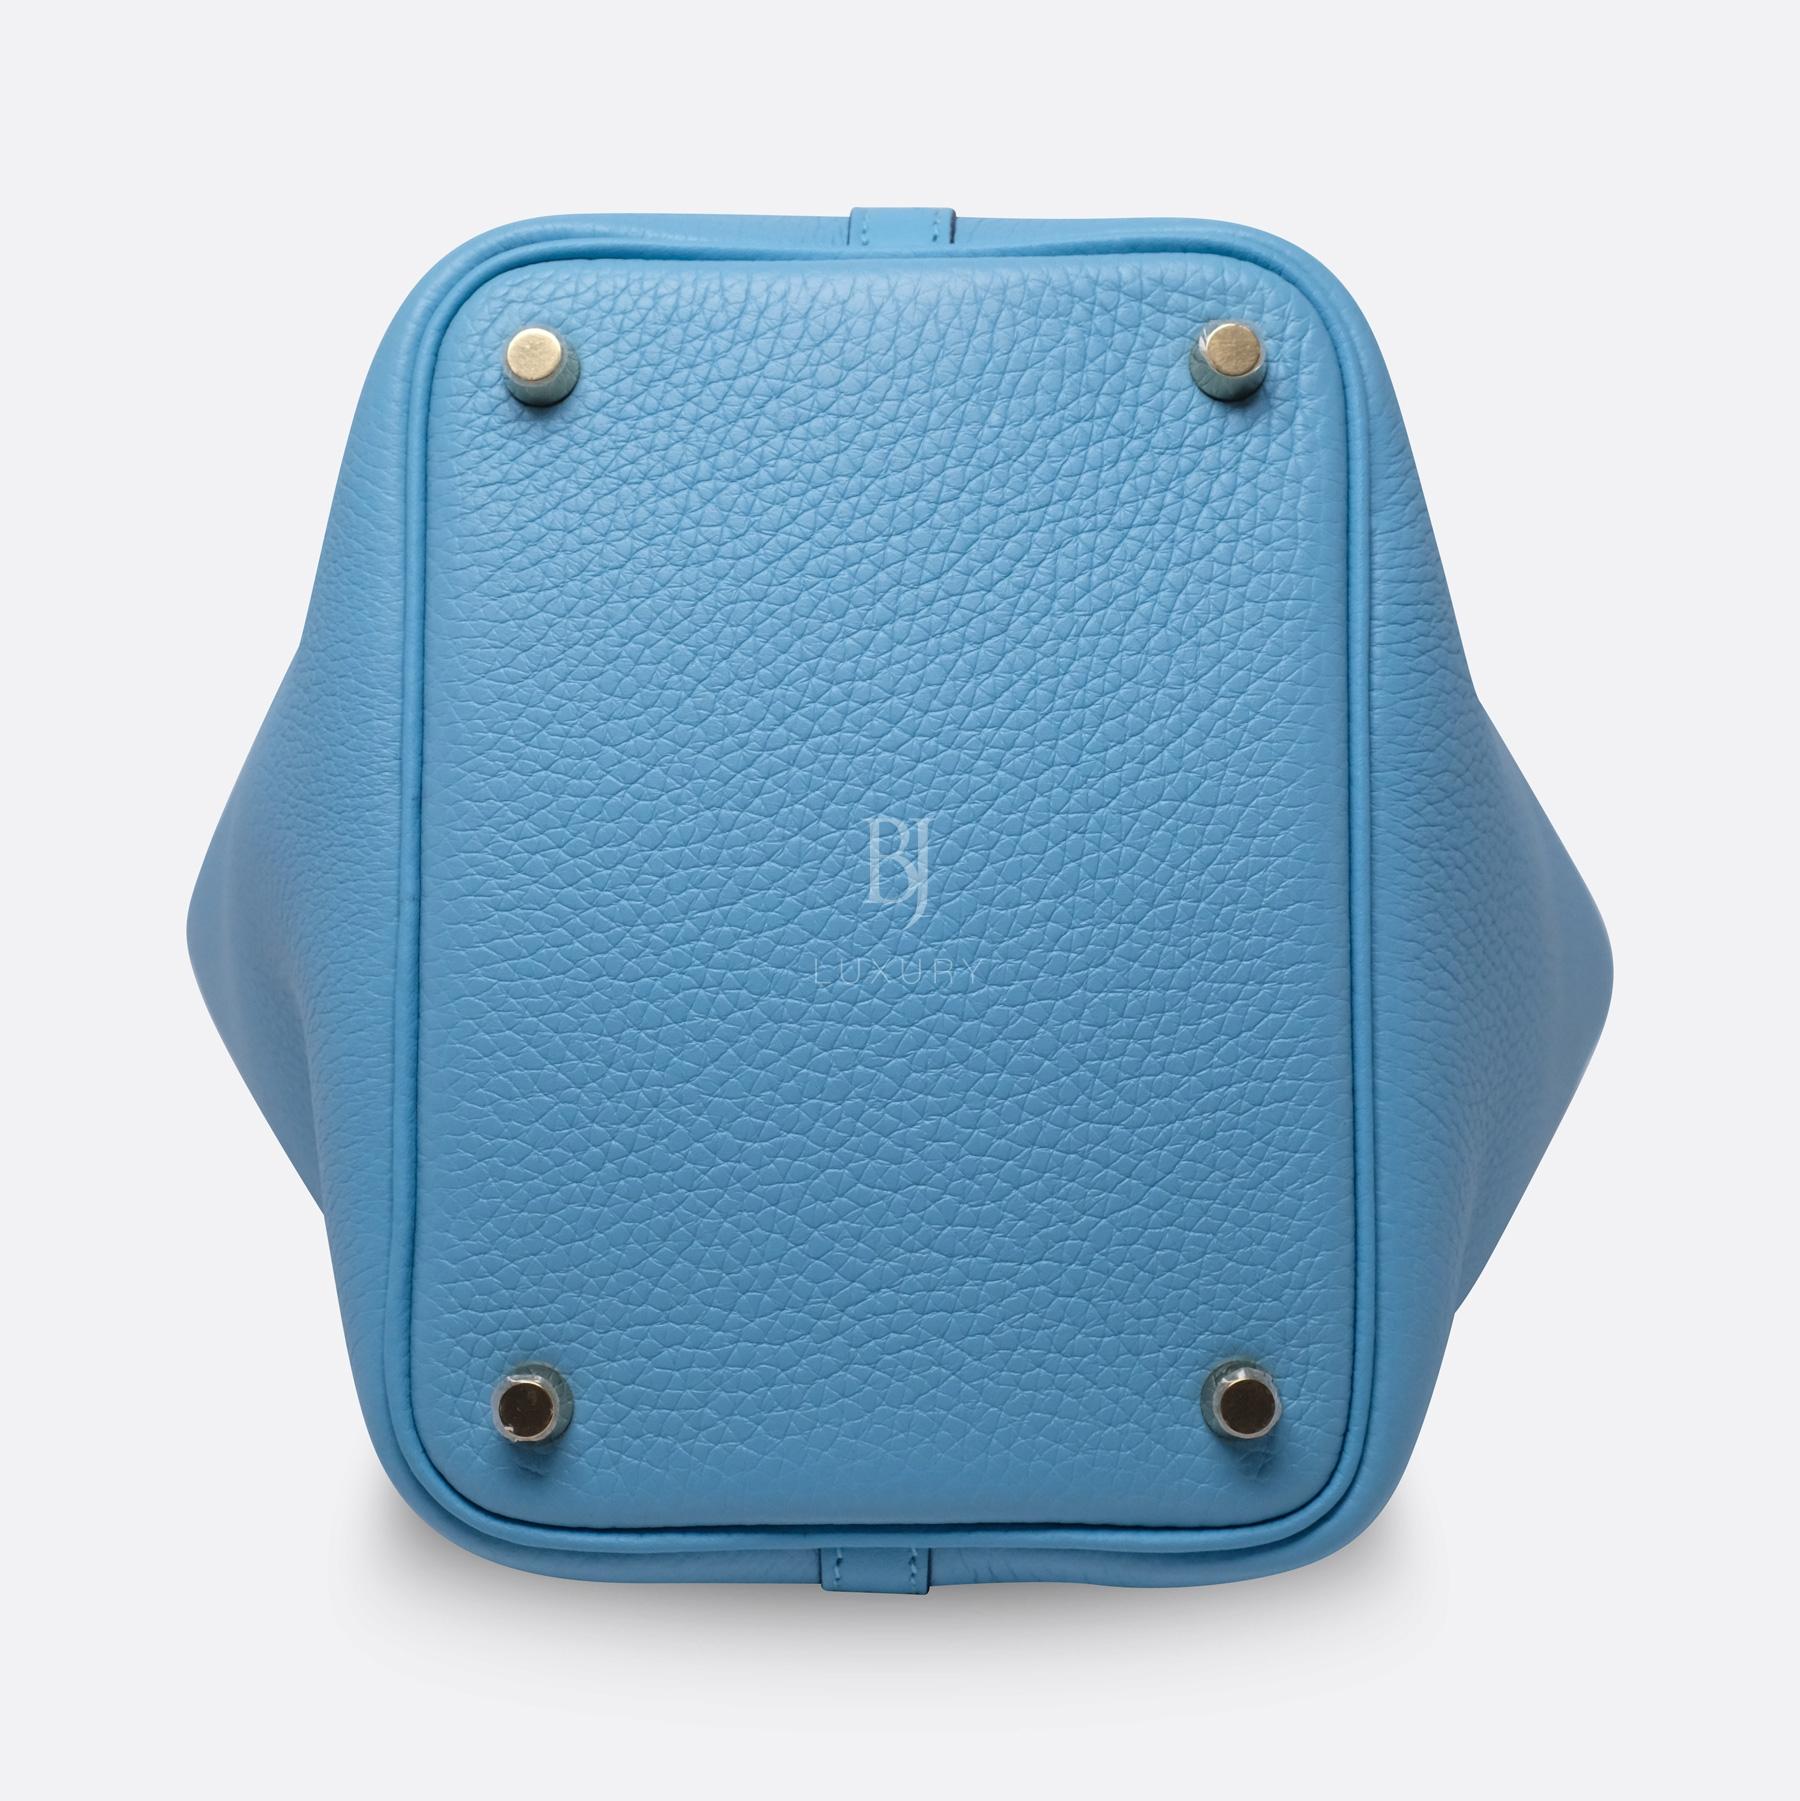 Hermes Picotin 18 Bleu Du Nord Clemence Gold BJ Luxury 6.jpg